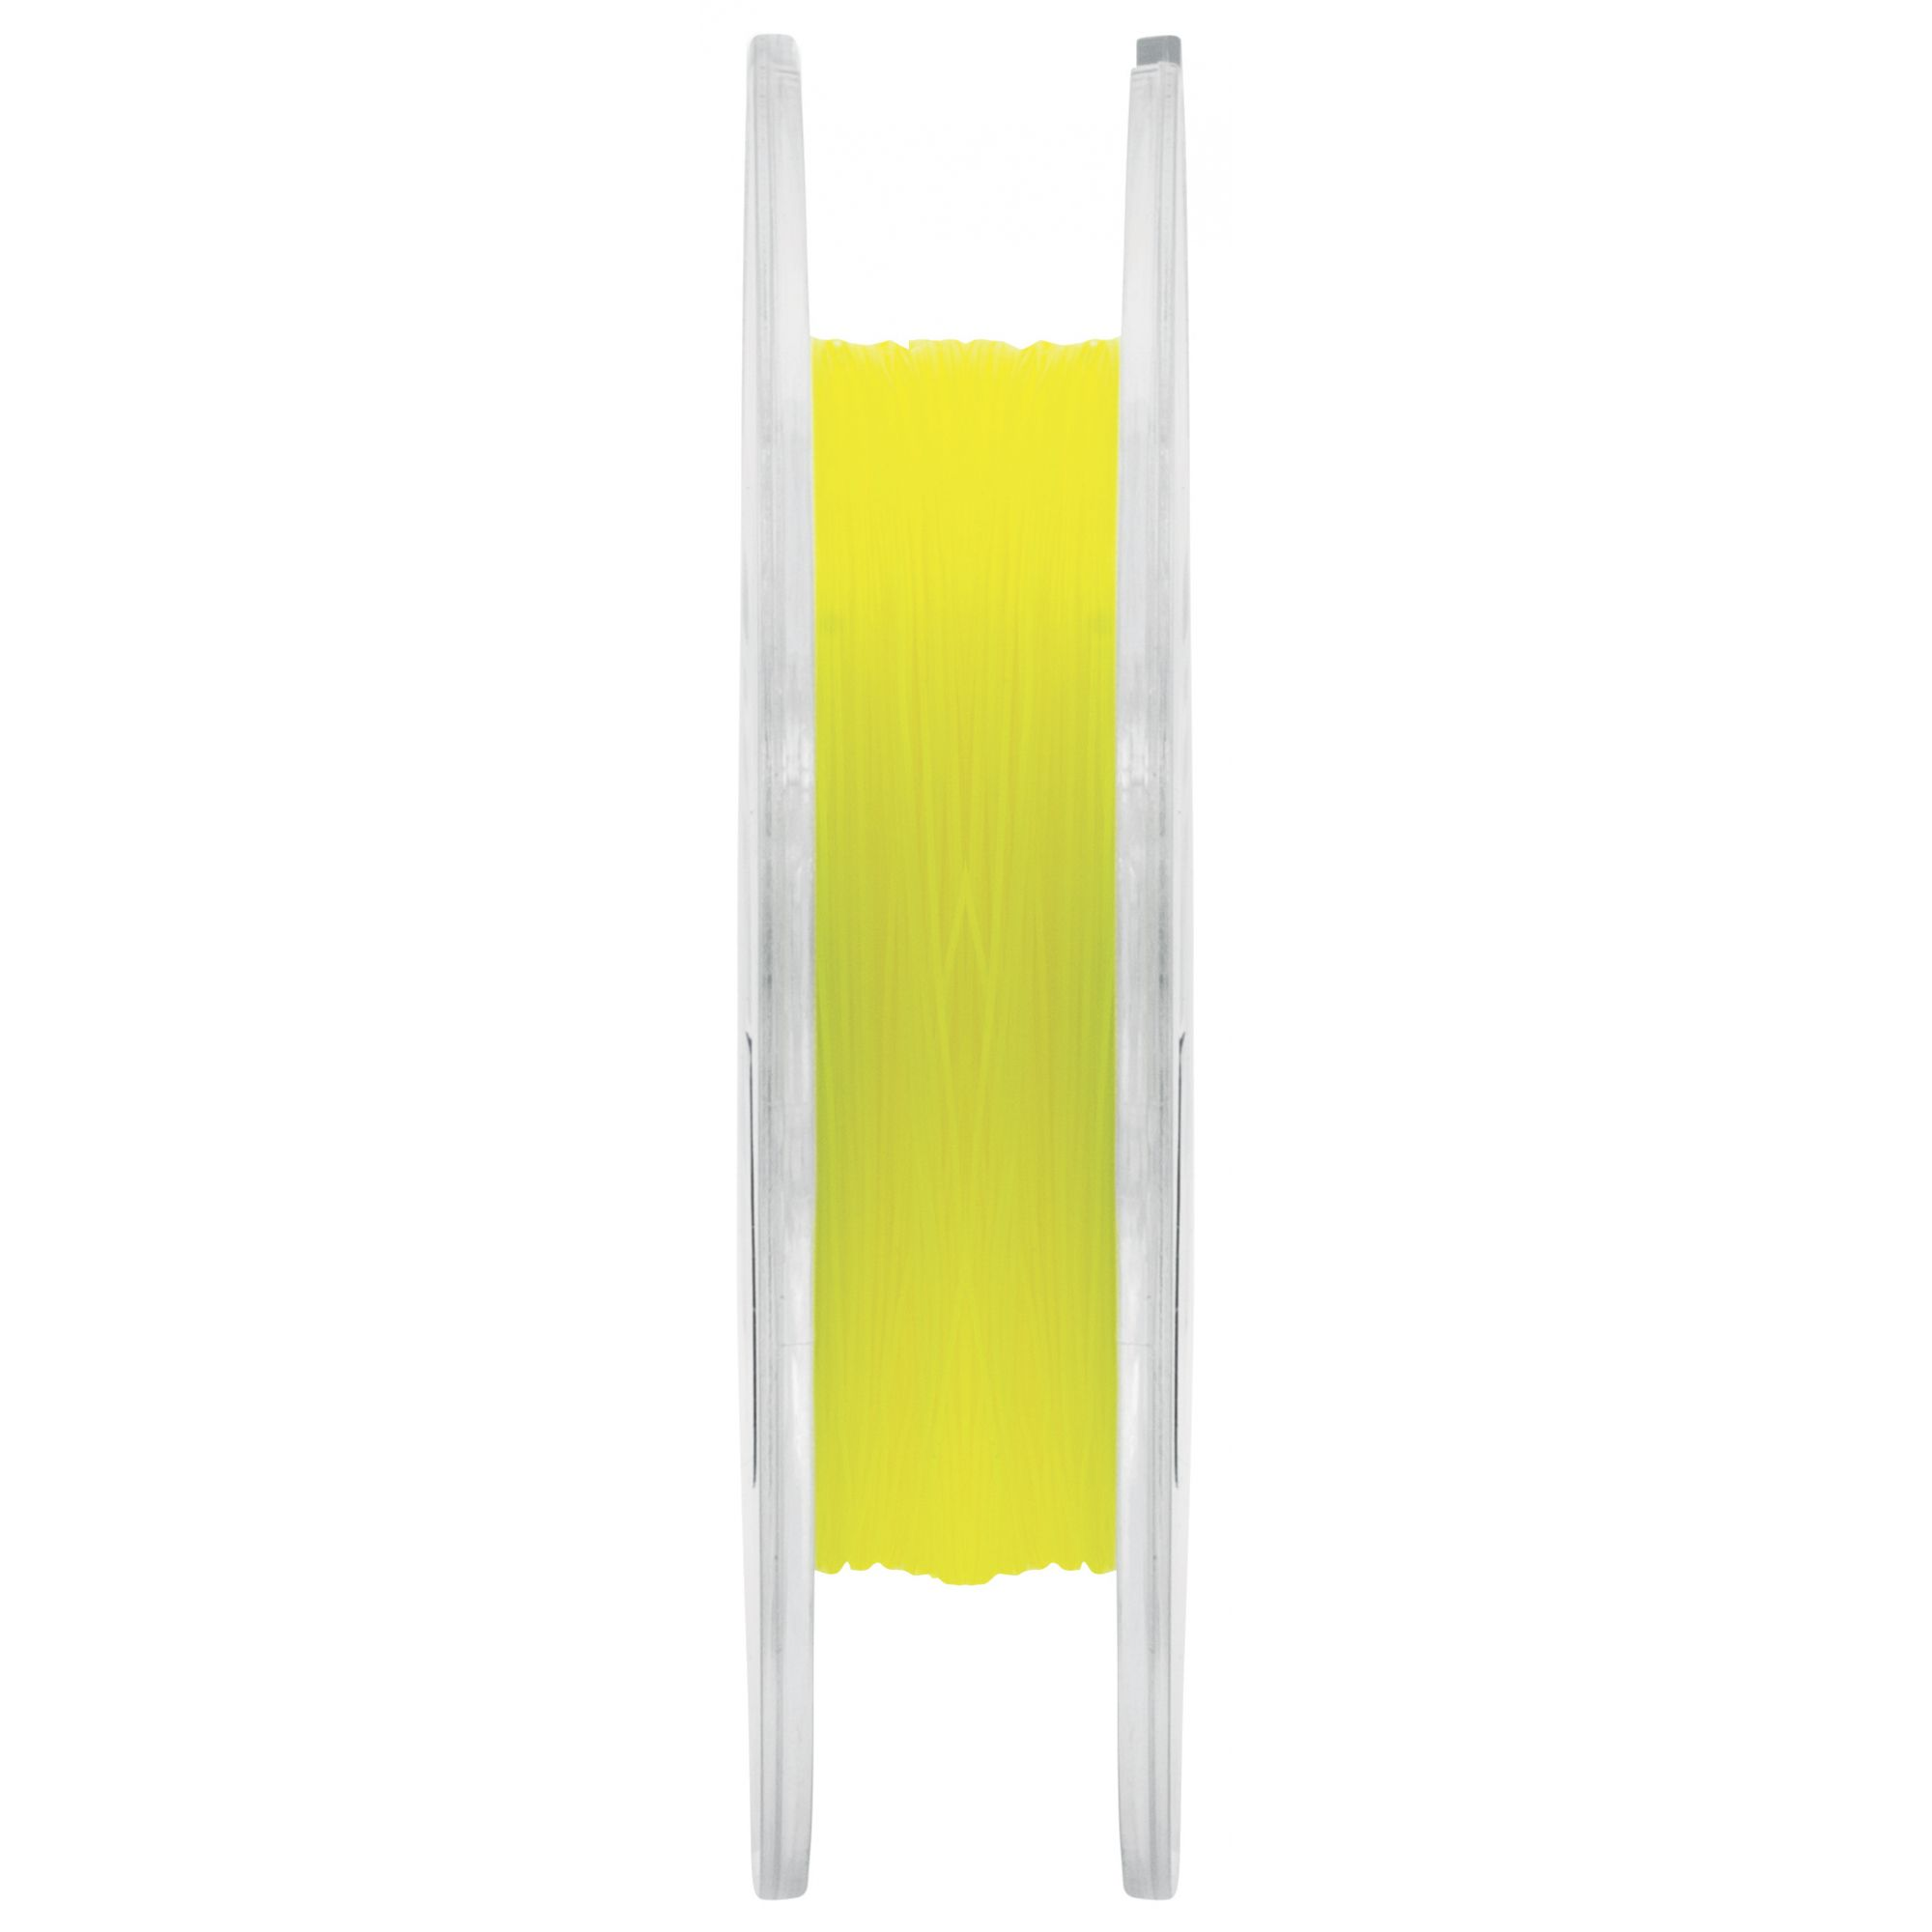 Linha Monofilamento Crown Fiber Soft 0,43mm 37lb/16,76kg - 250 Metros  - Life Pesca - Sua loja de Pesca, Camping e Lazer